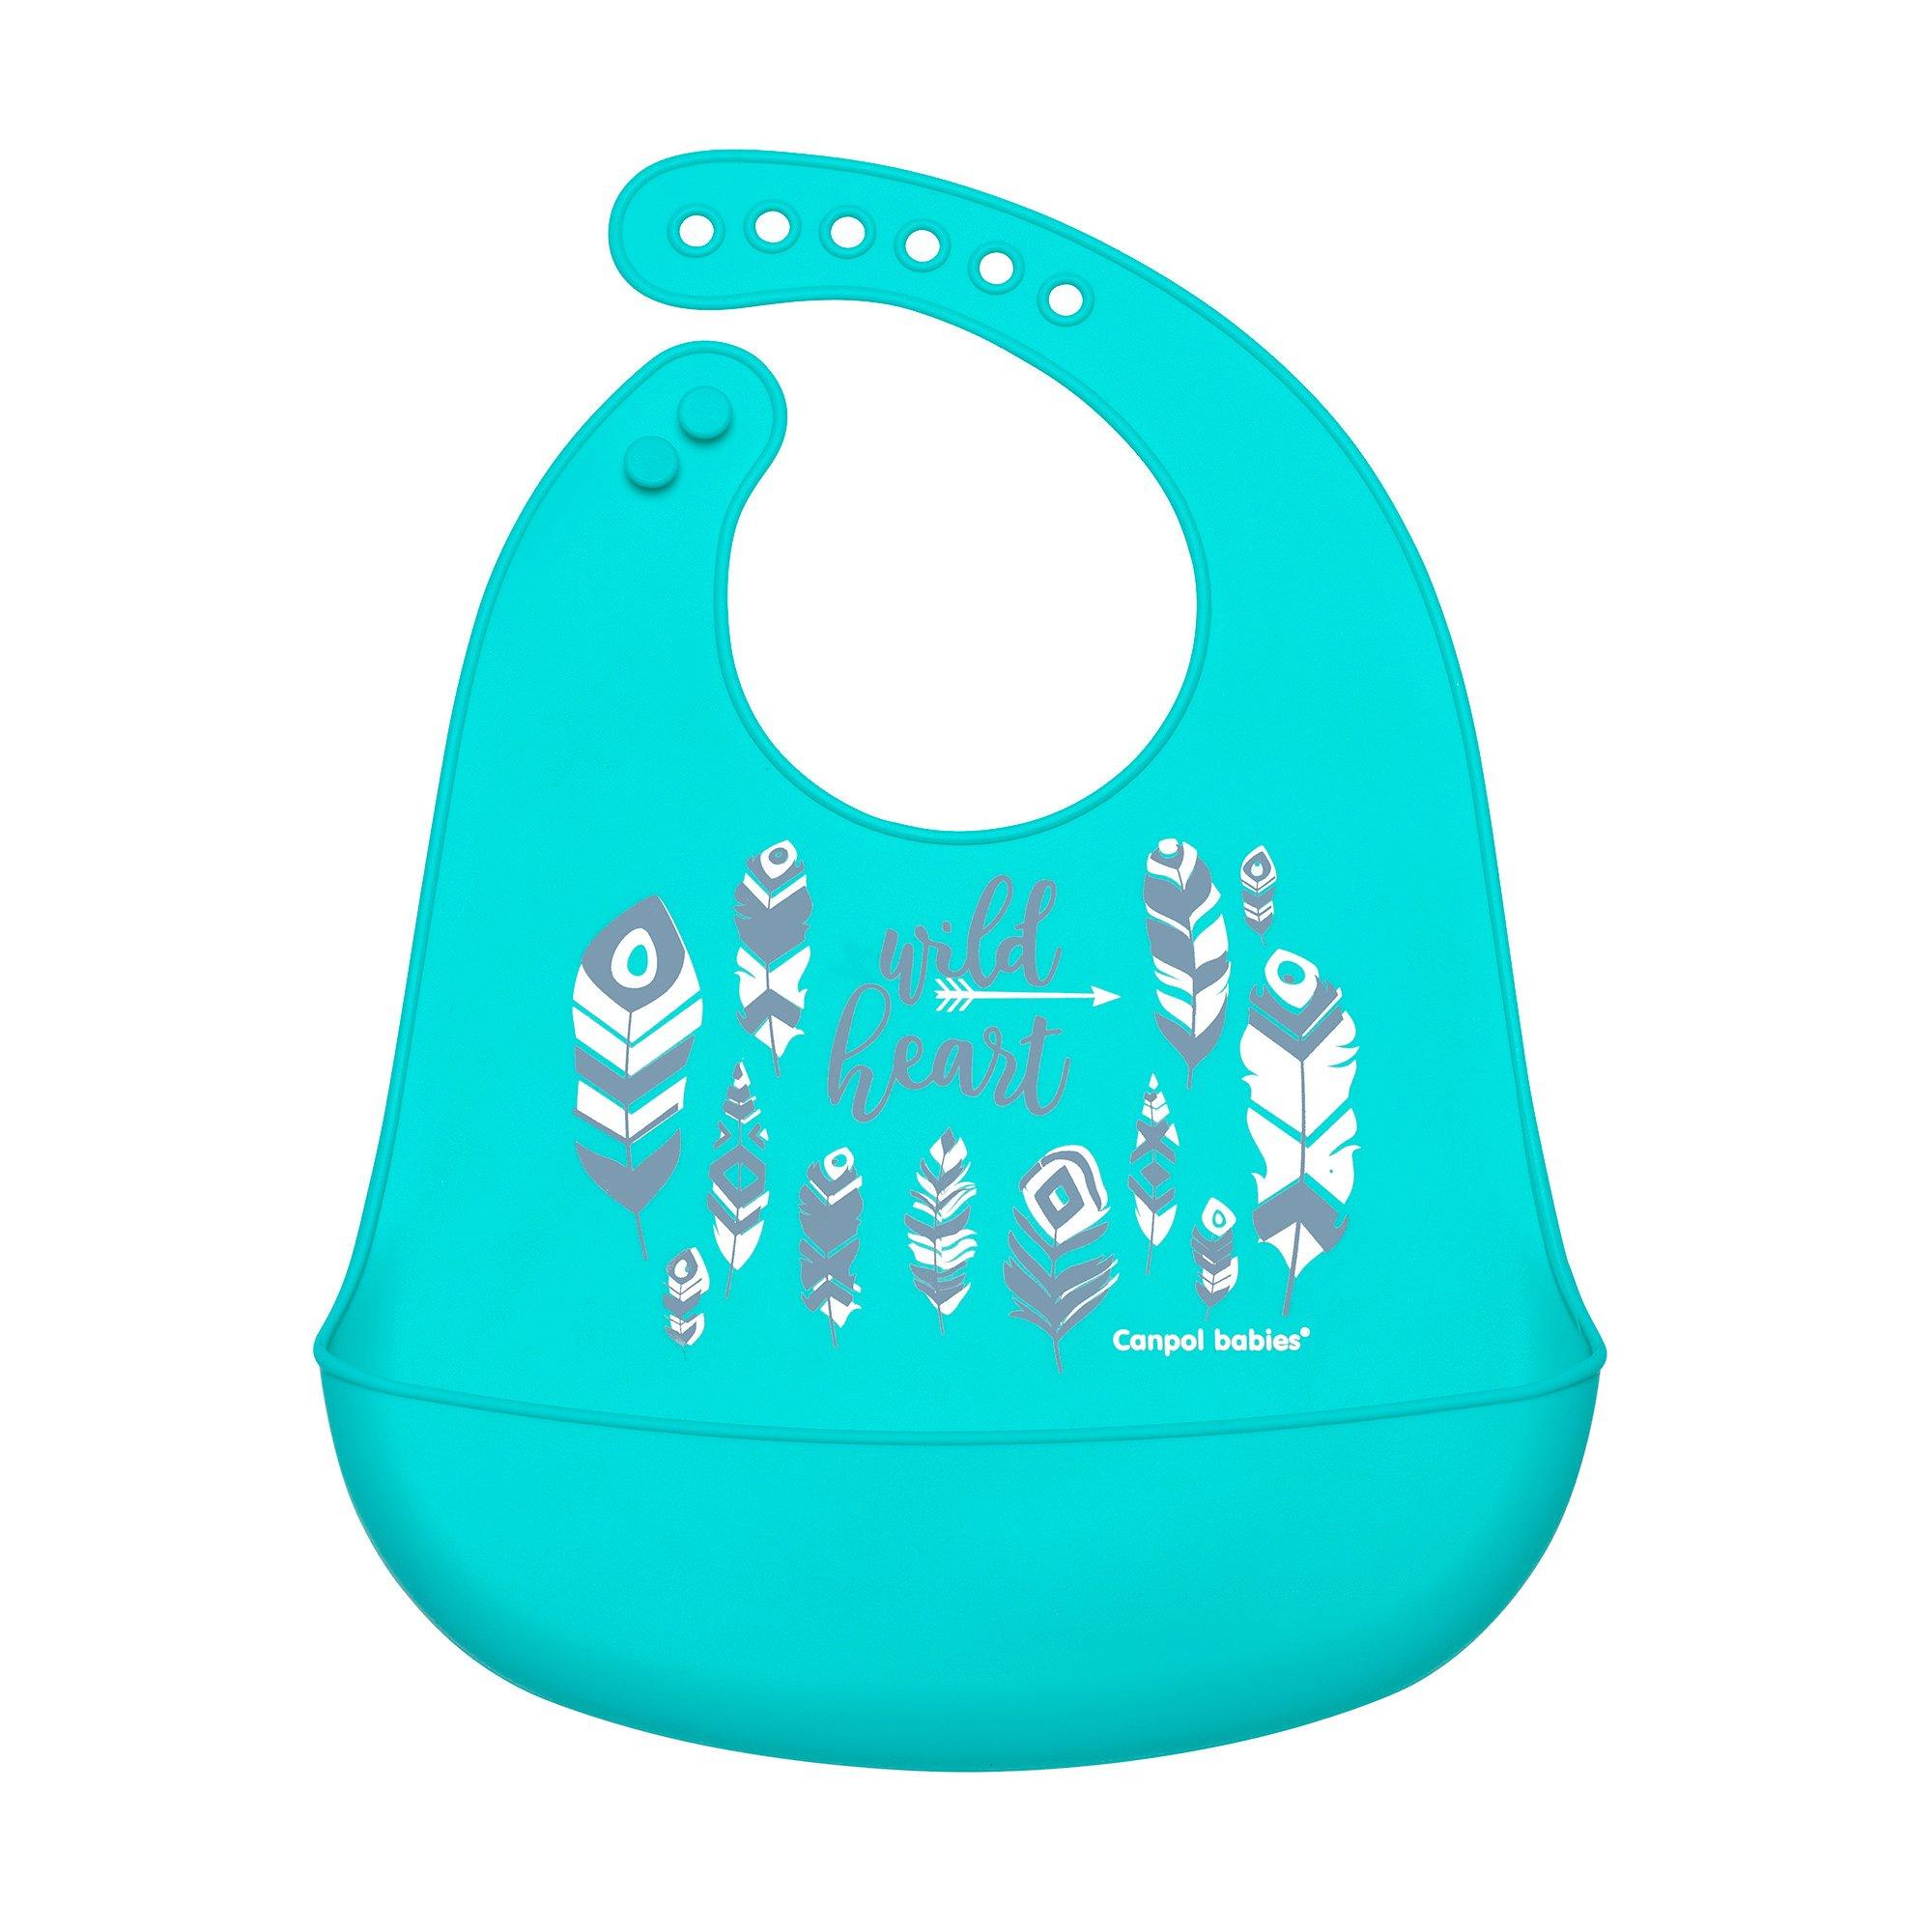 Купить Слюнявчик Canpol babies силиконовый с кармашком Wild Nature - голубой 74-023 blu